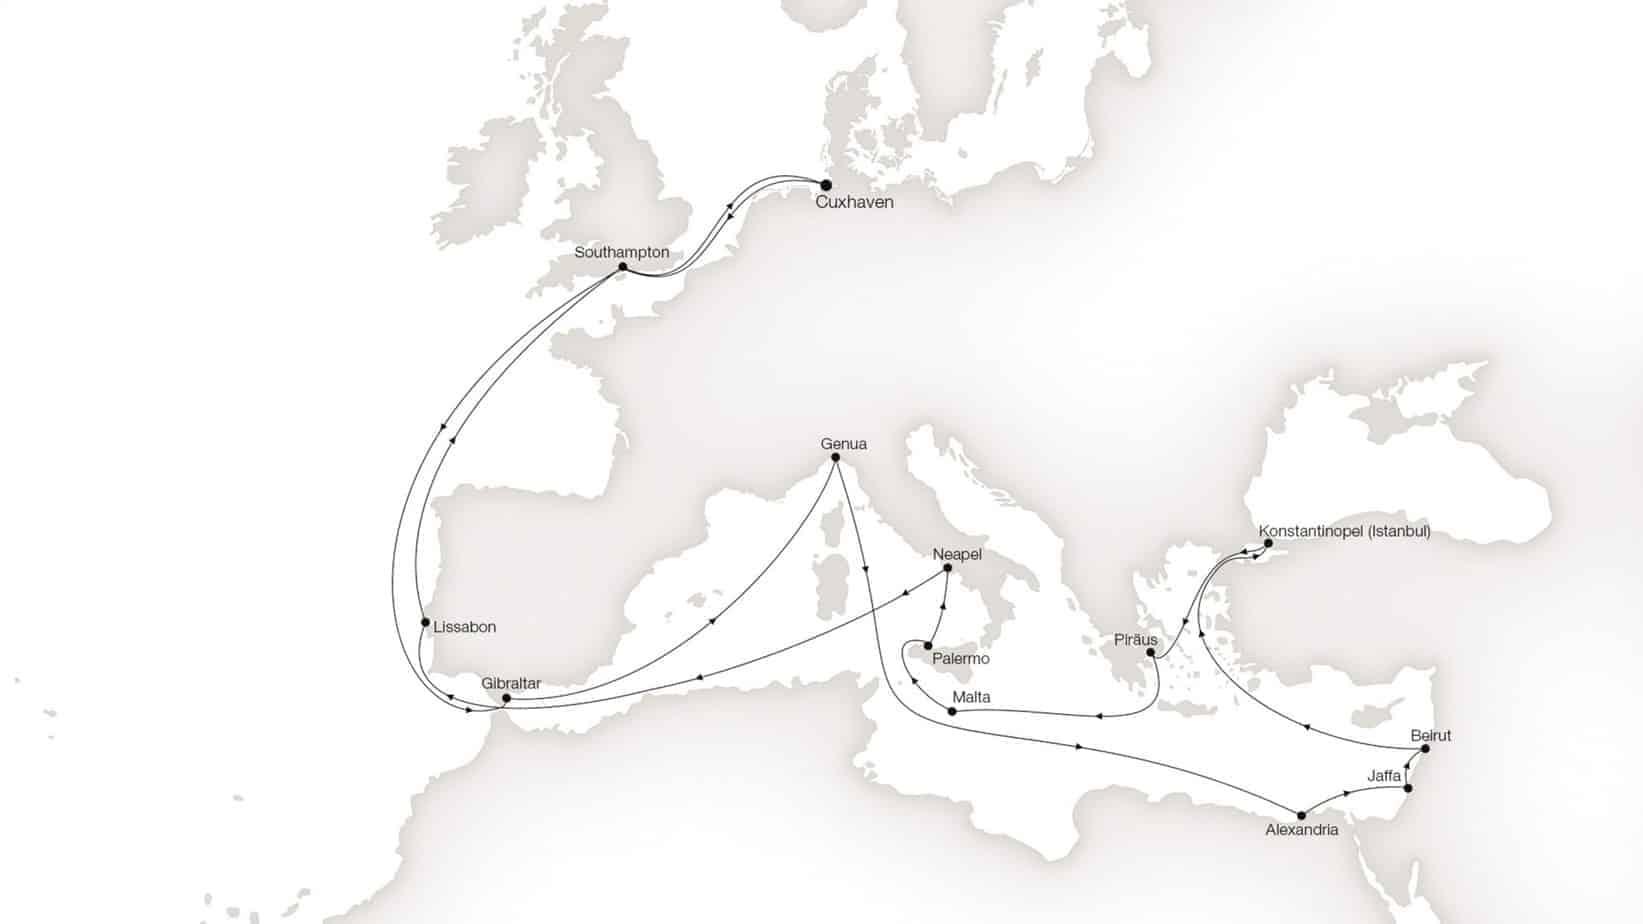 Die erste Route in der Geschichte der Kreuzfahrt. Foto: Hapag-Lloyd AG, Hamburg